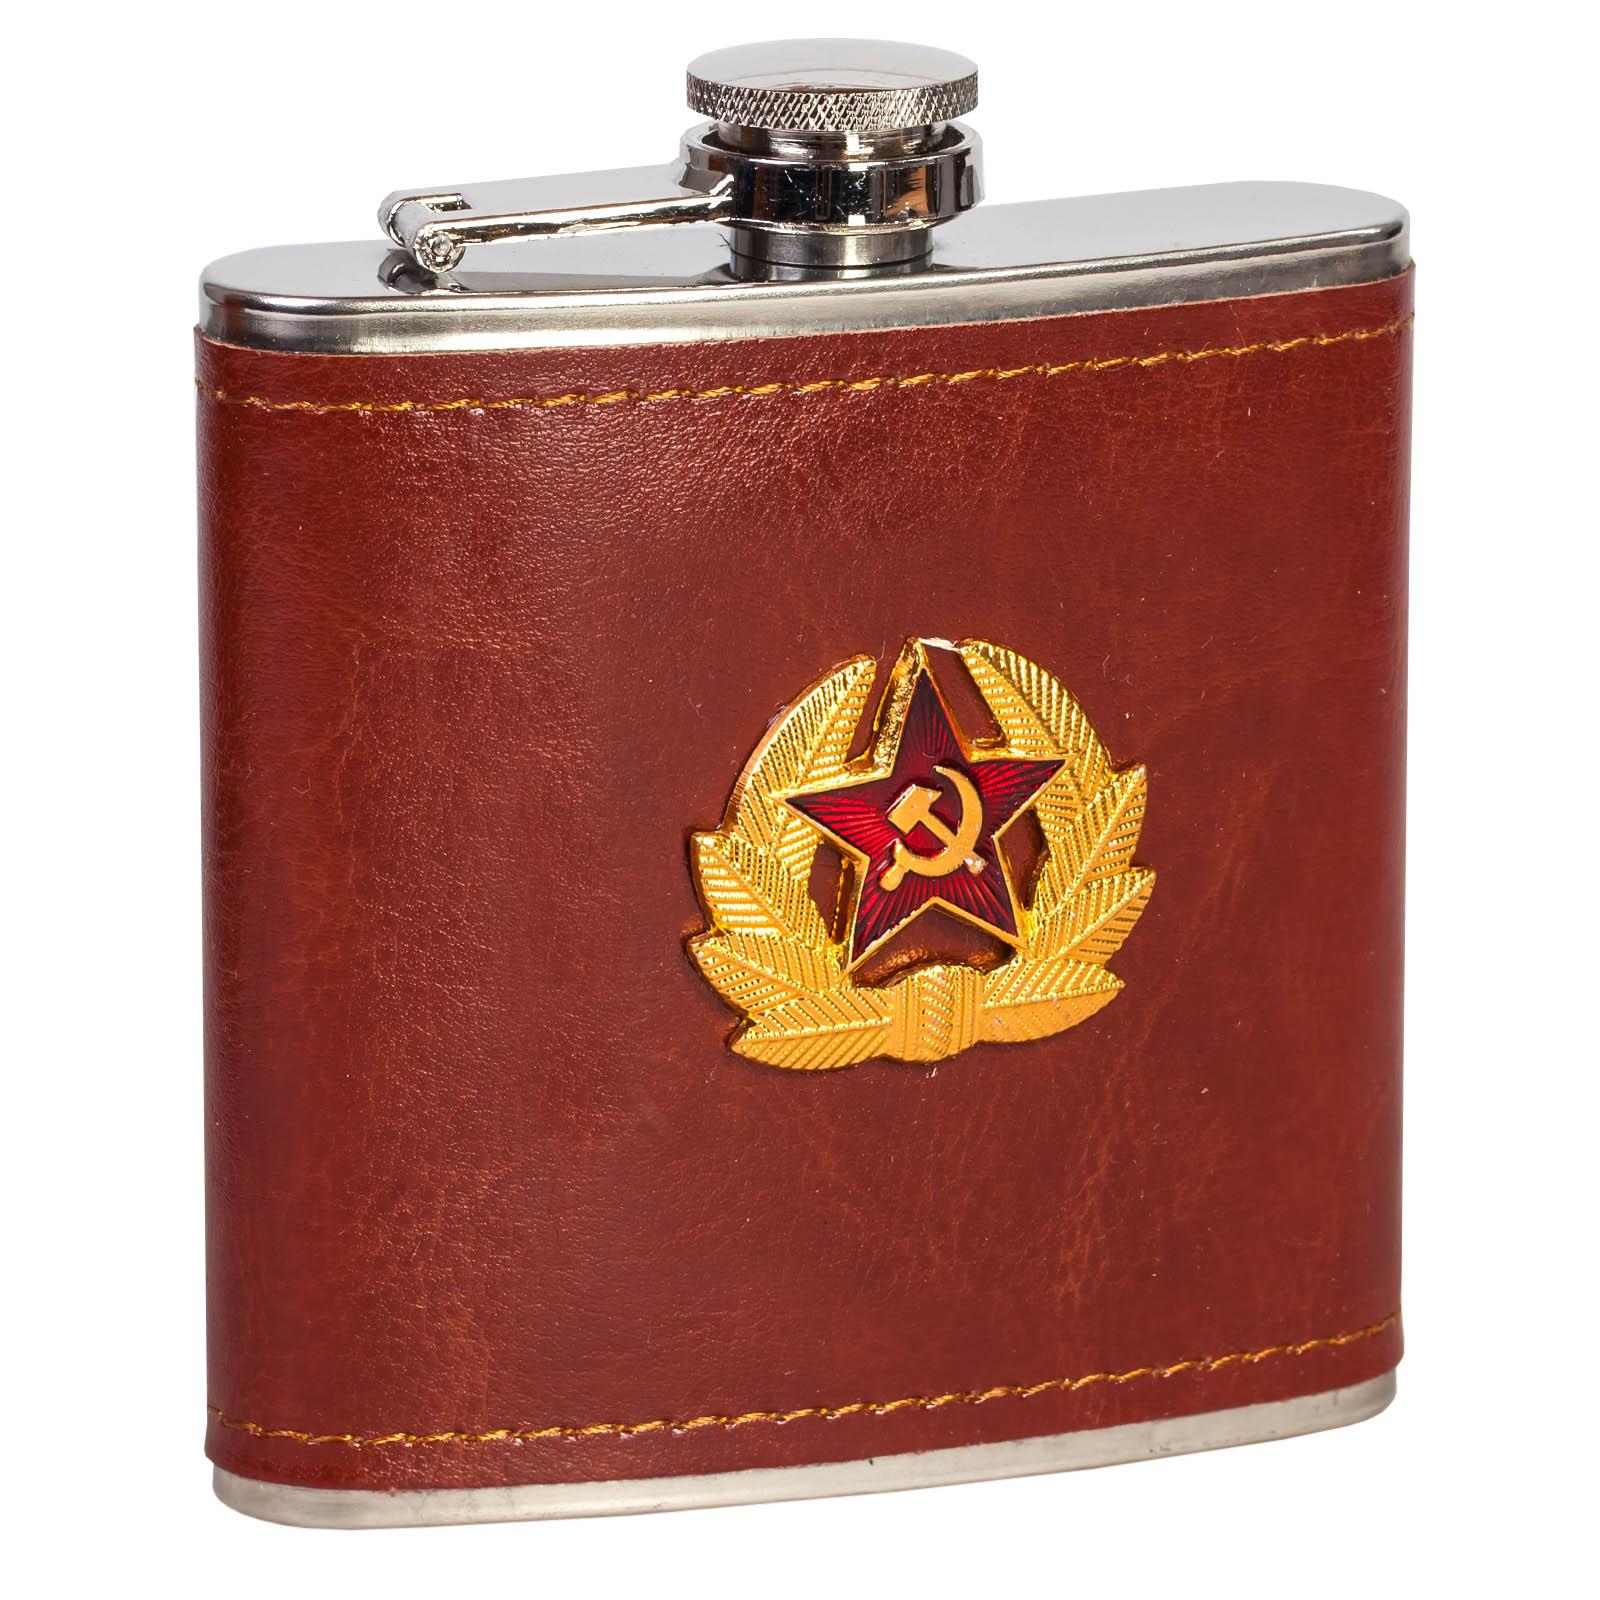 Купить в военторге Военпро фляжку СССР